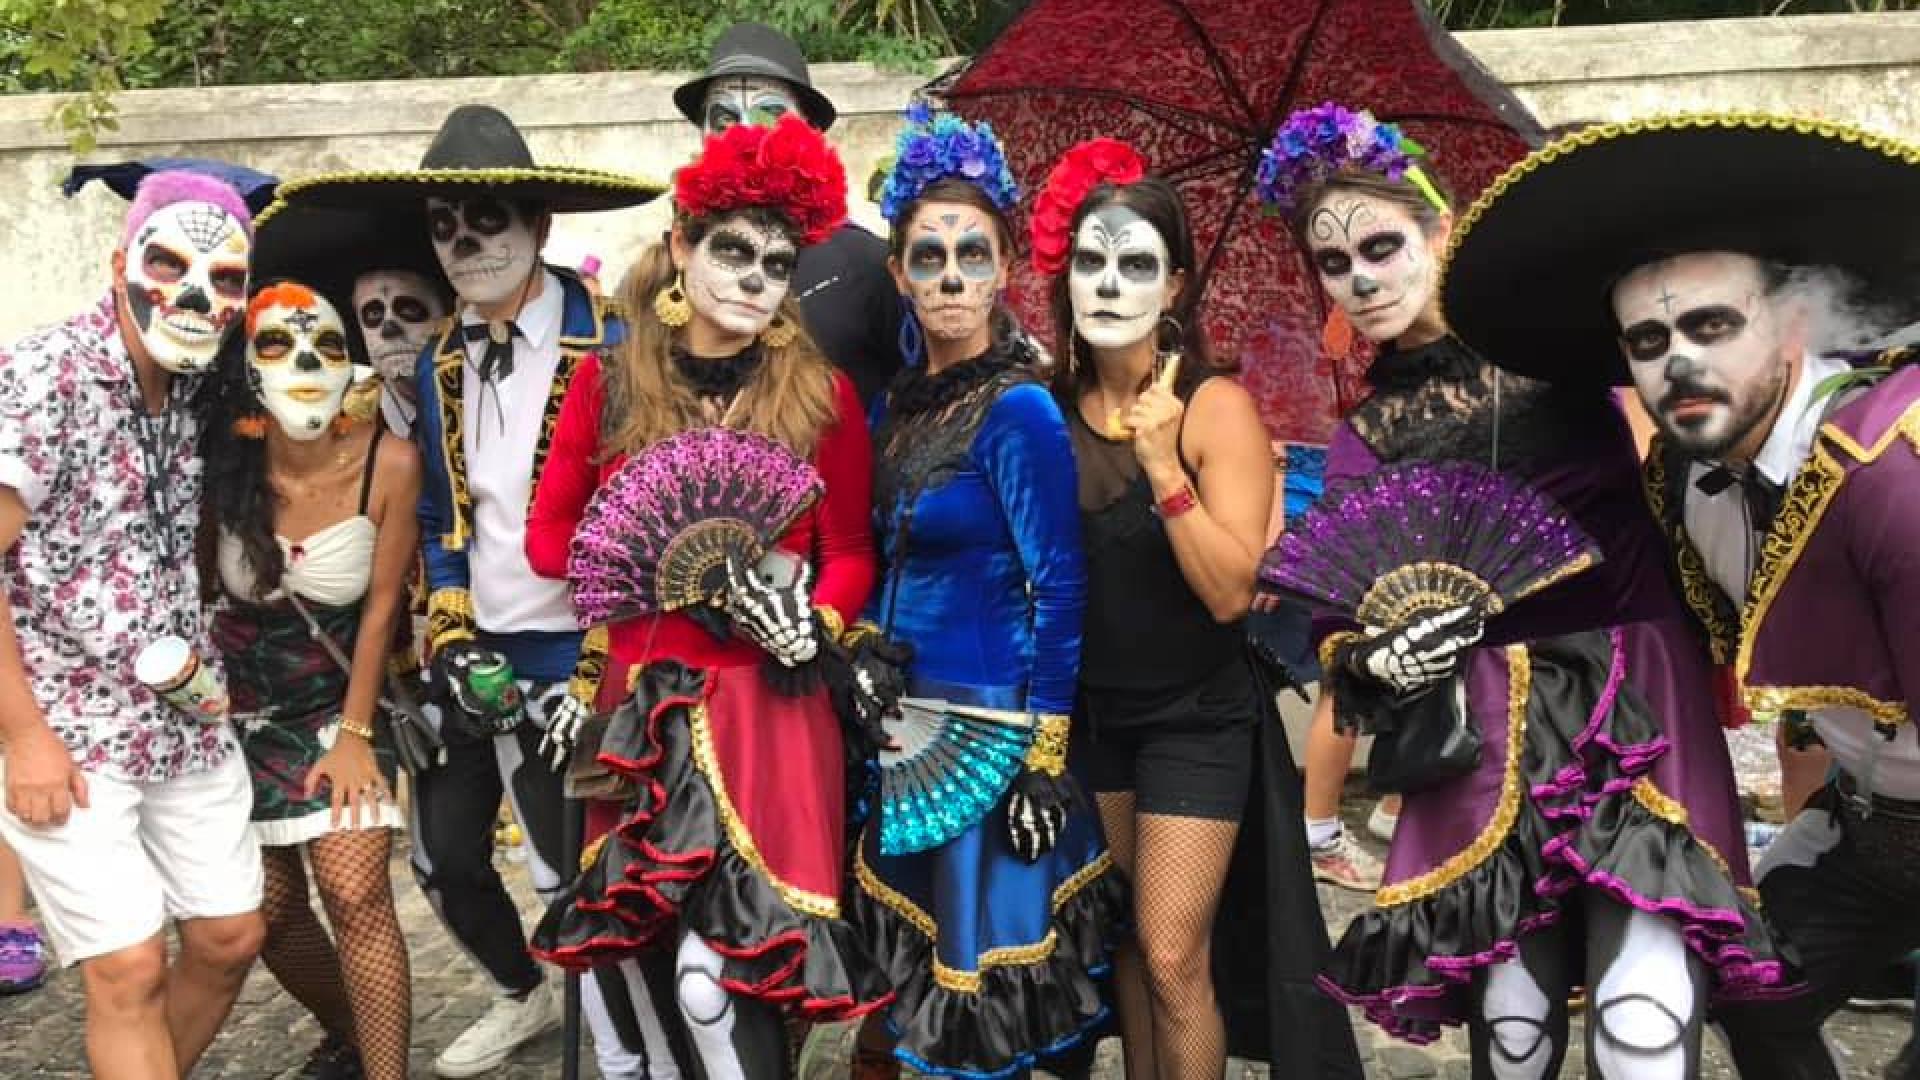 Carnaval em Recife e Olinda tem shows e blocos em diversos ritmos